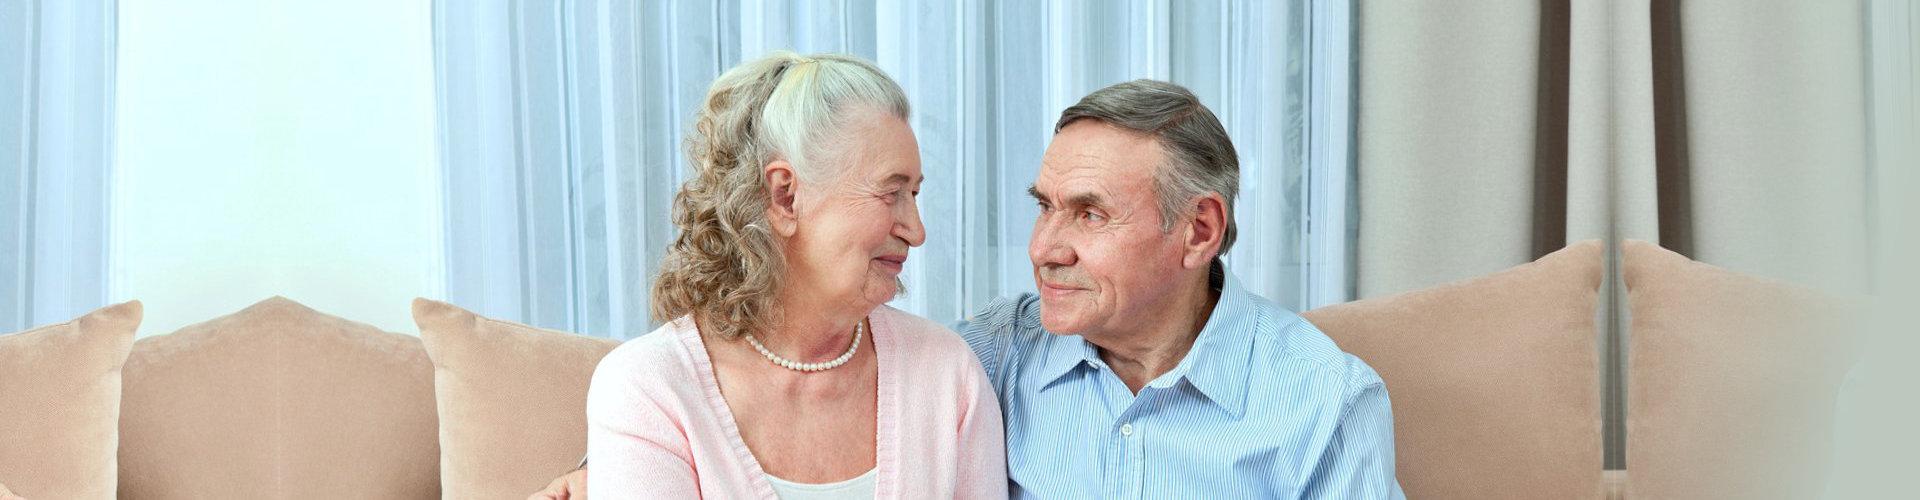 two elderly person talking